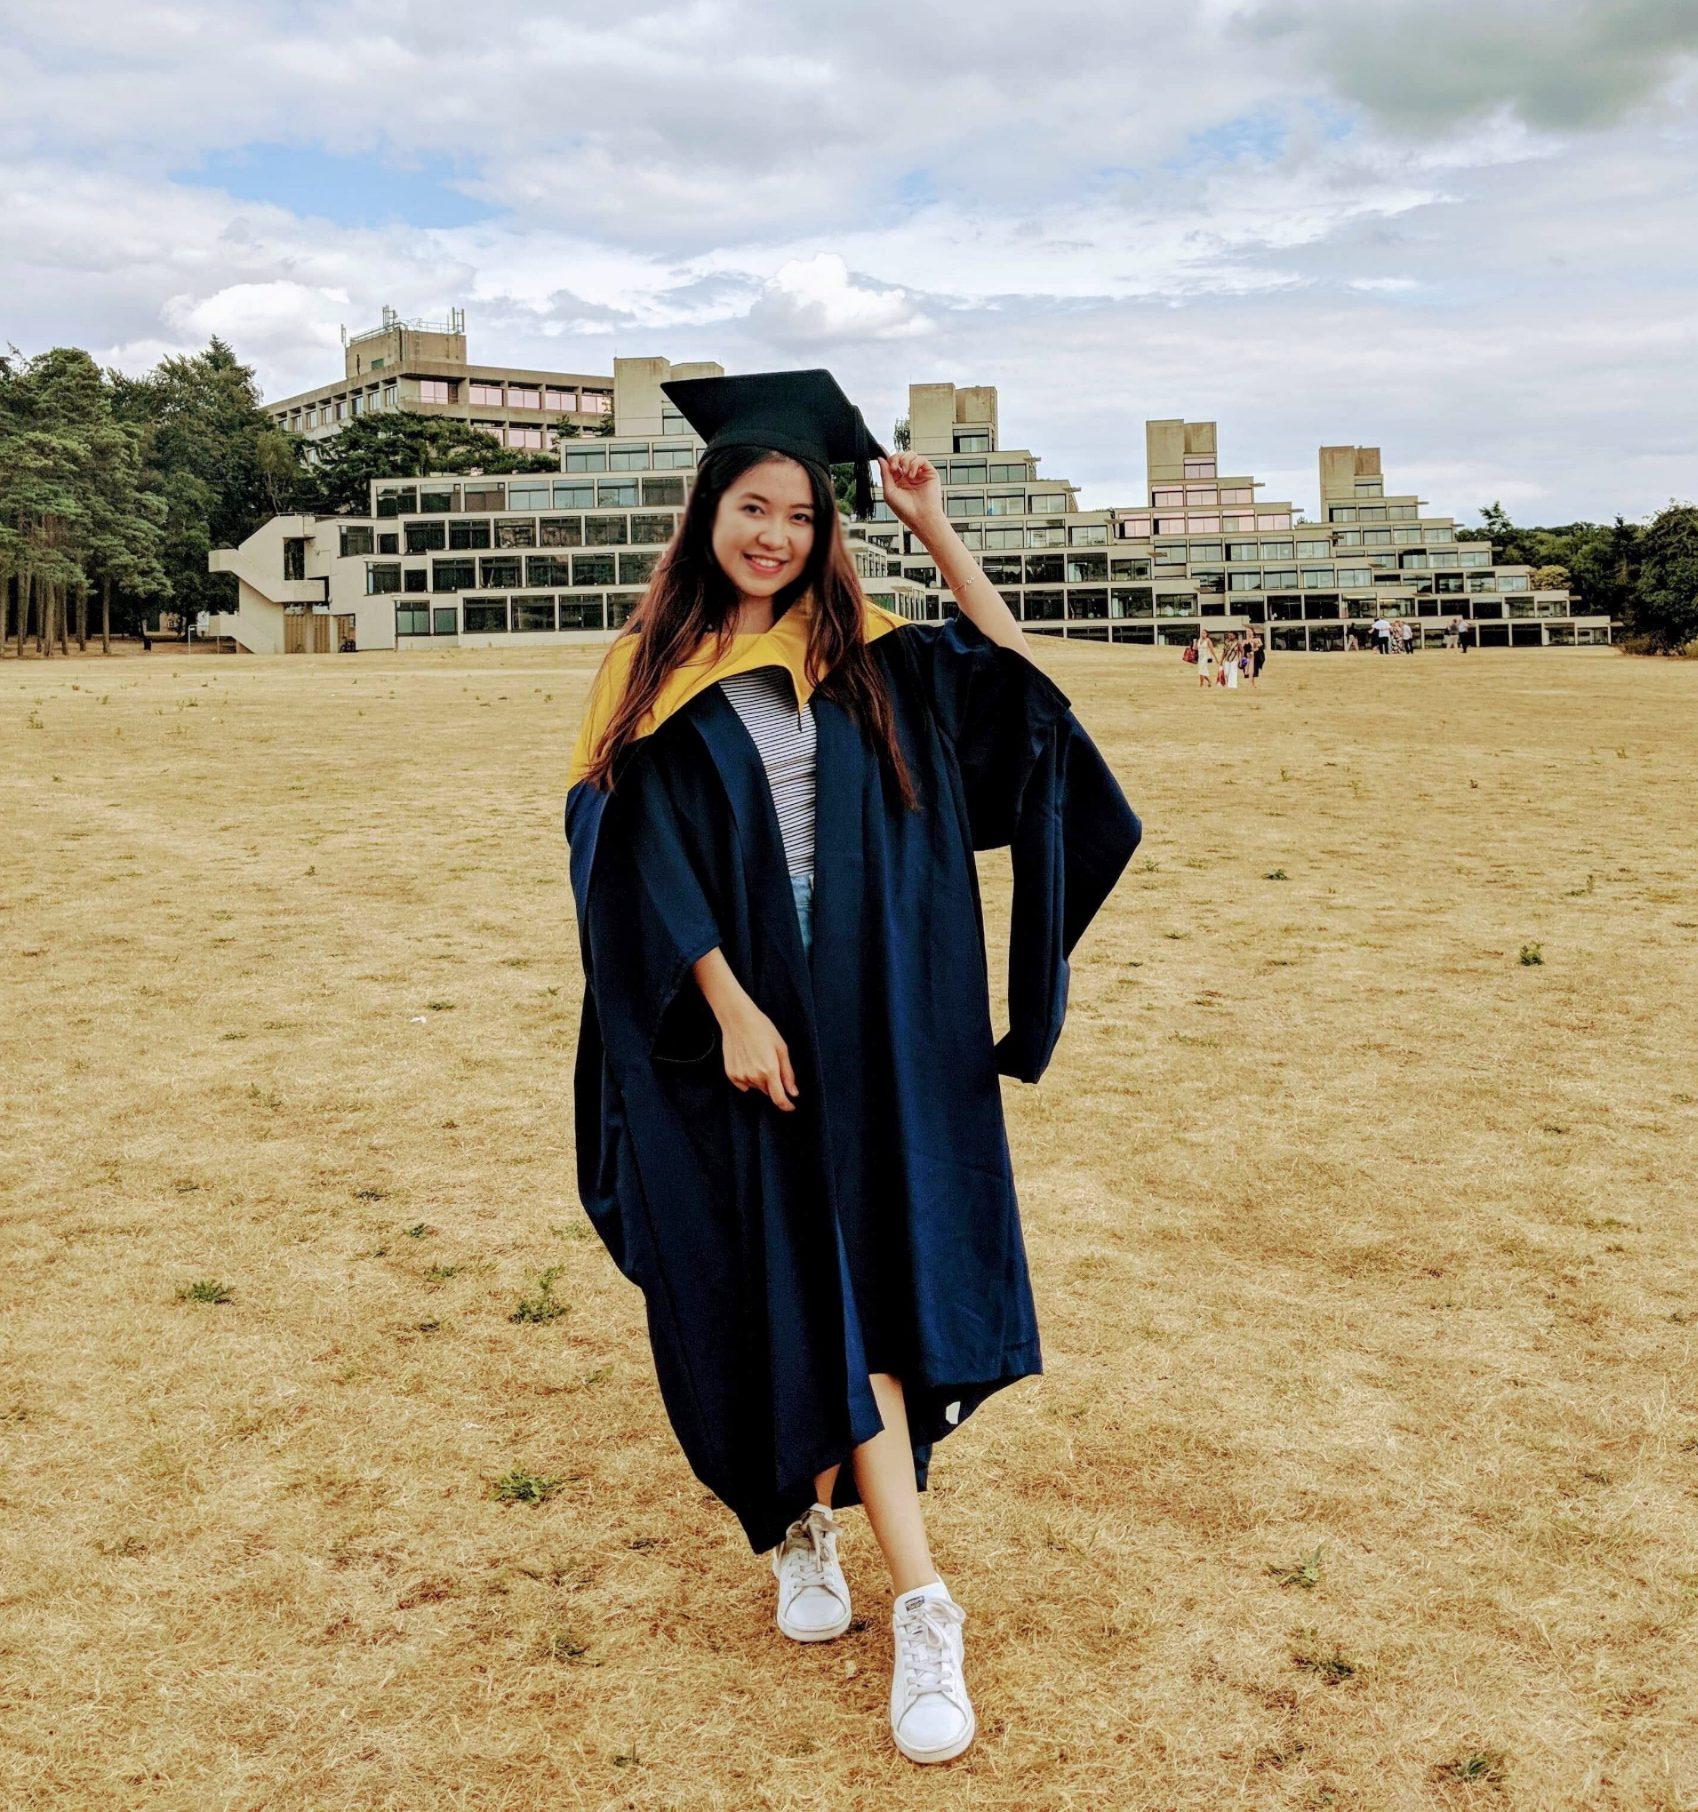 Trước đó, người đẹp du học tạiUniversity of East Anglia, Anh quốc.